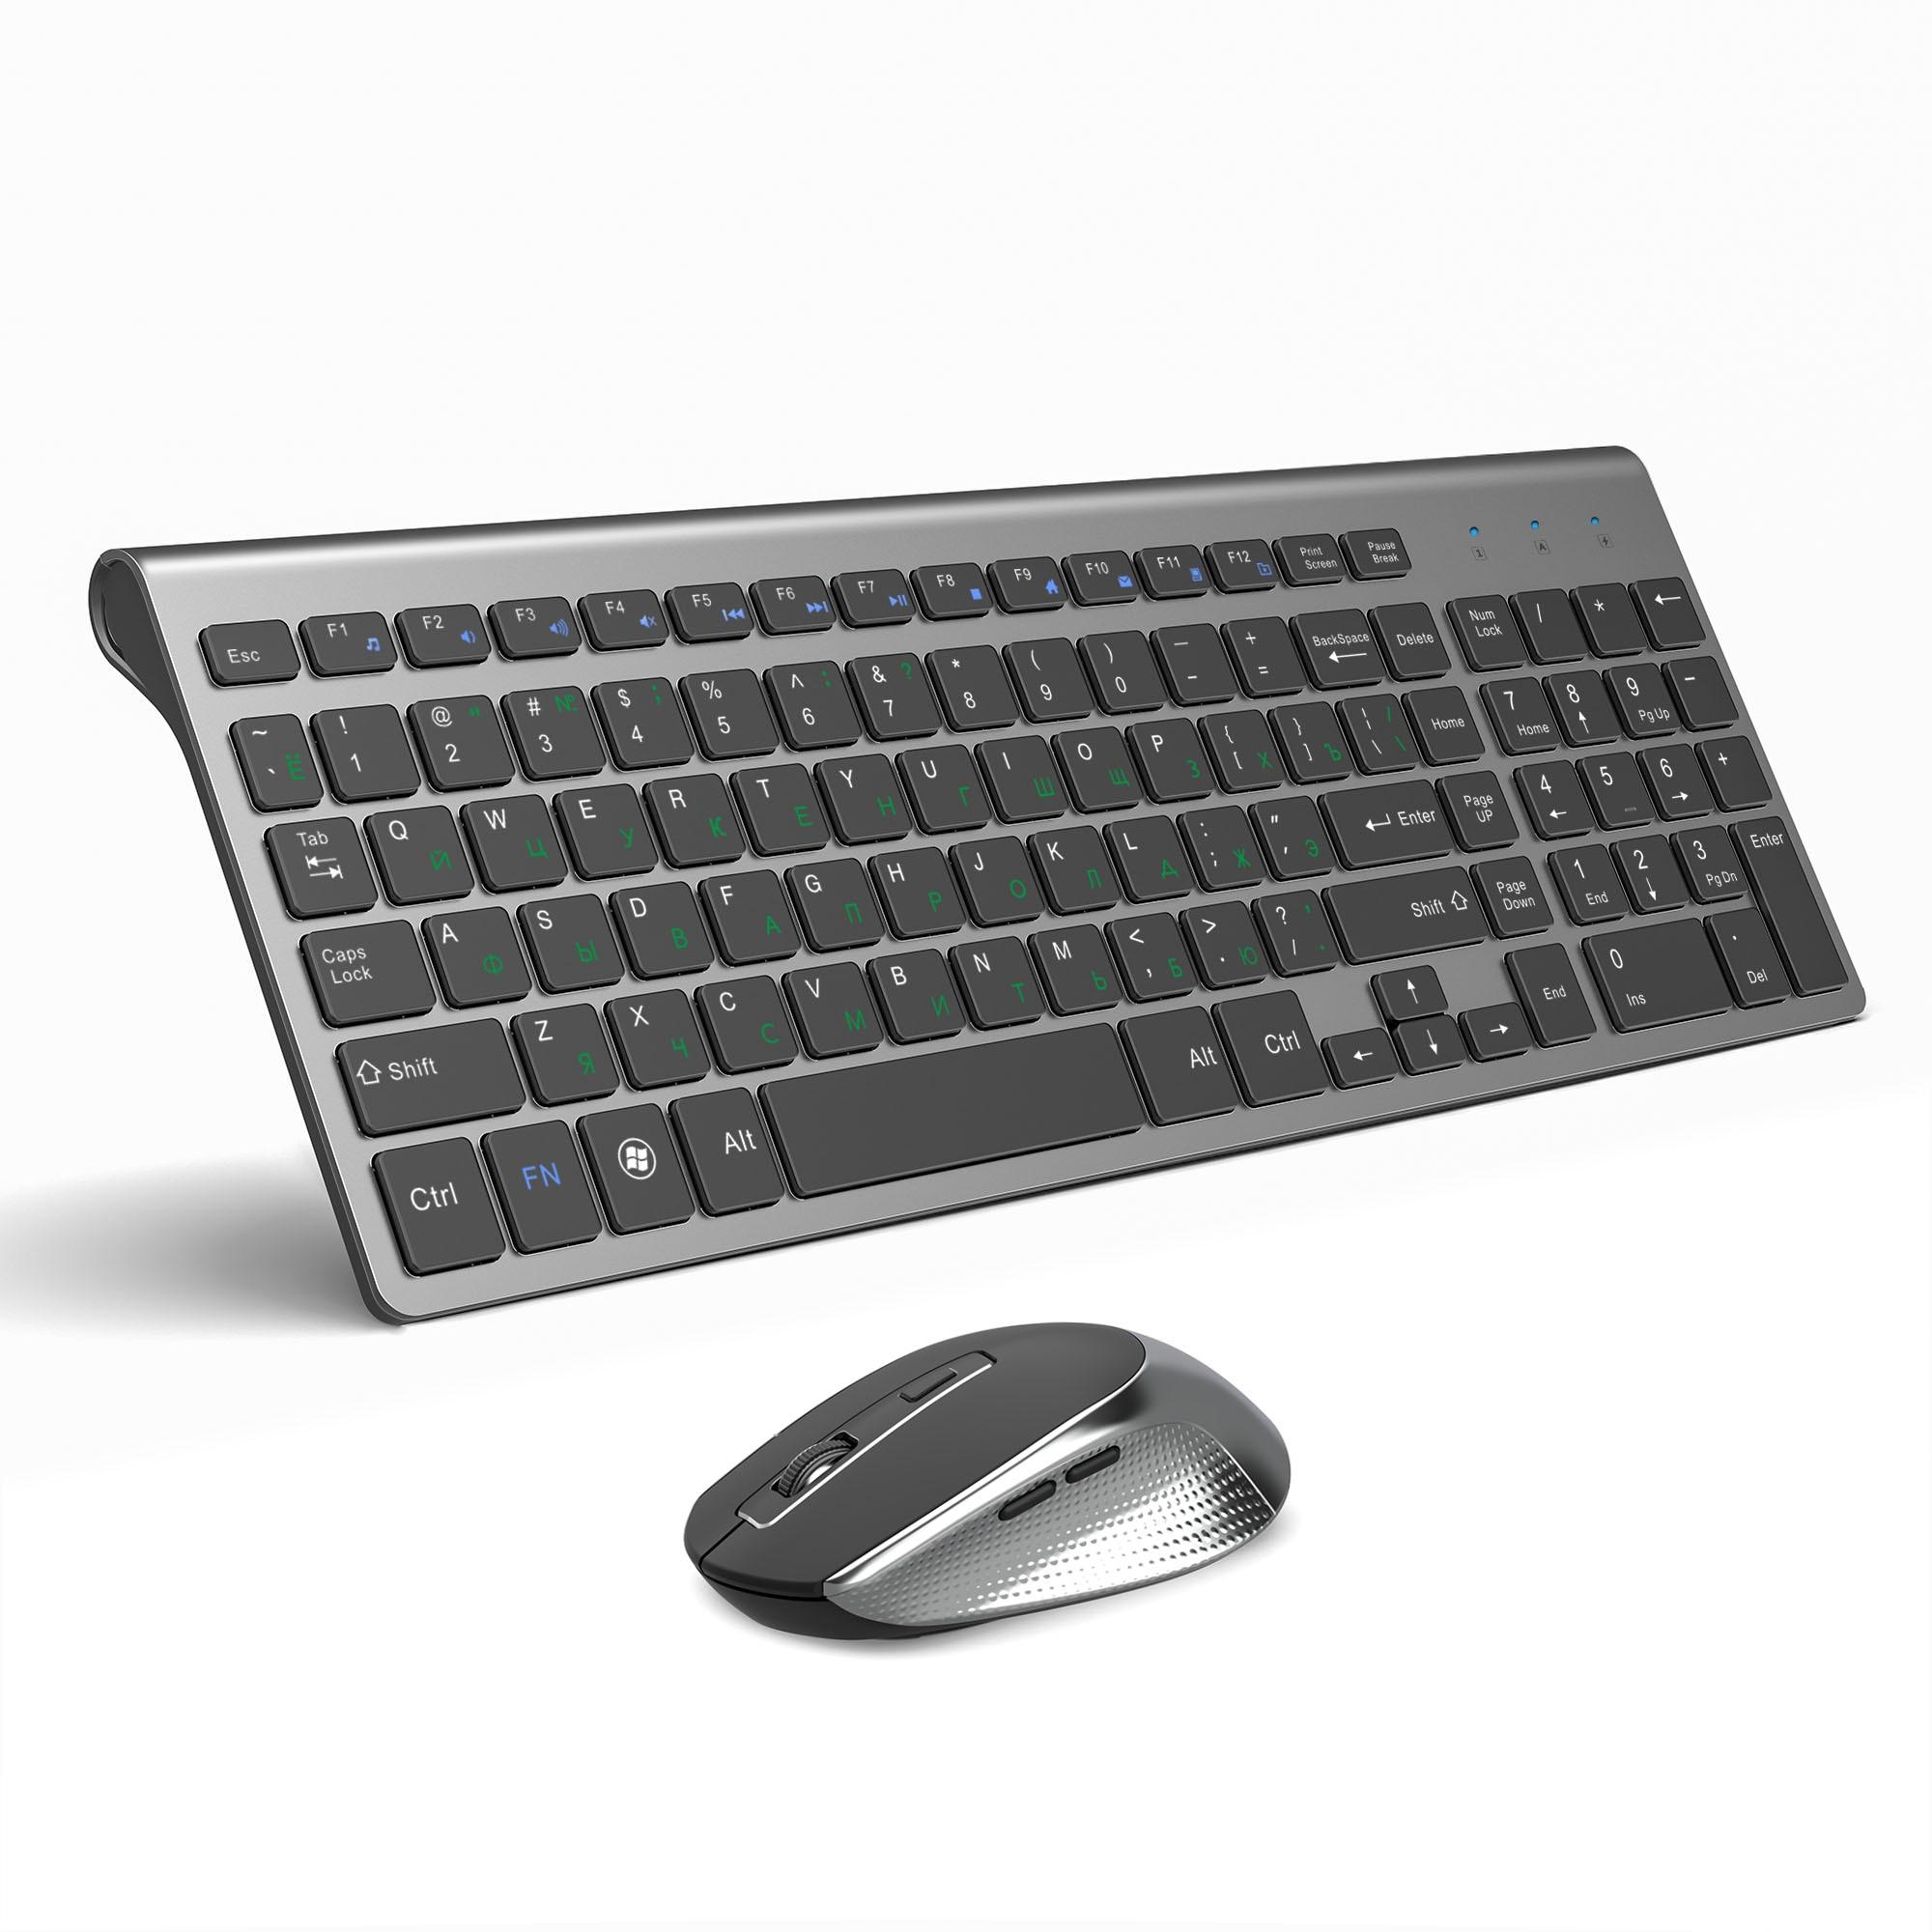 JOYACCESS русская Беспроводная клавиатура мышь набор эргономичная мышь ПК Mause Тихая Кнопка клавиатура и мышь комбо 2,4G для ноутбука ПК